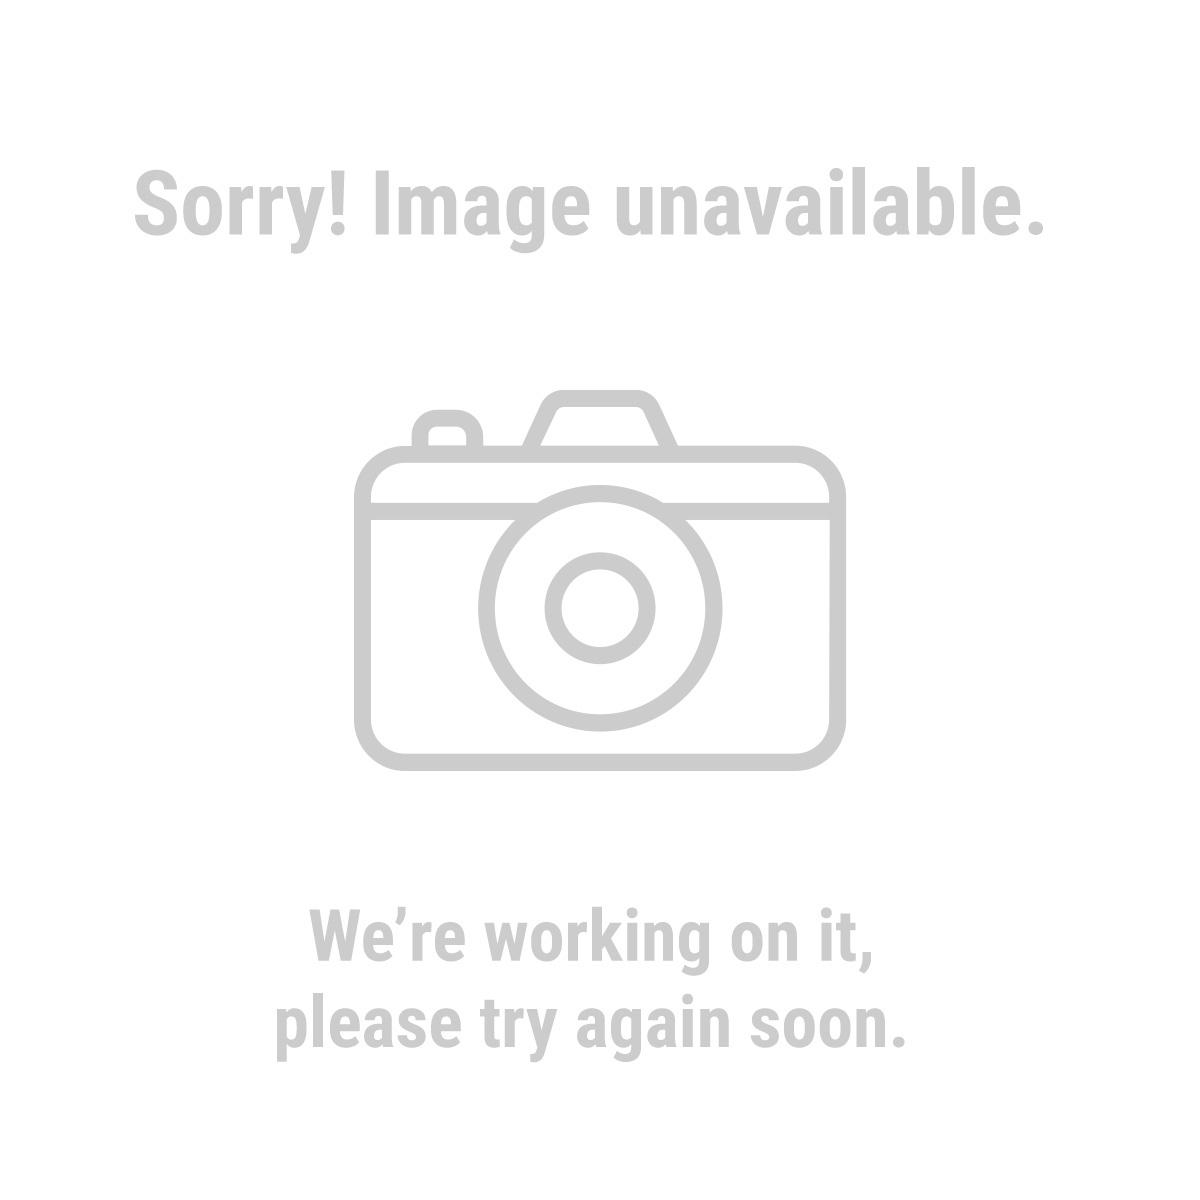 Predator Generators 63084 6500 Peak/5500 Running Watts, 13 HP  (420cc) Generator EPA III